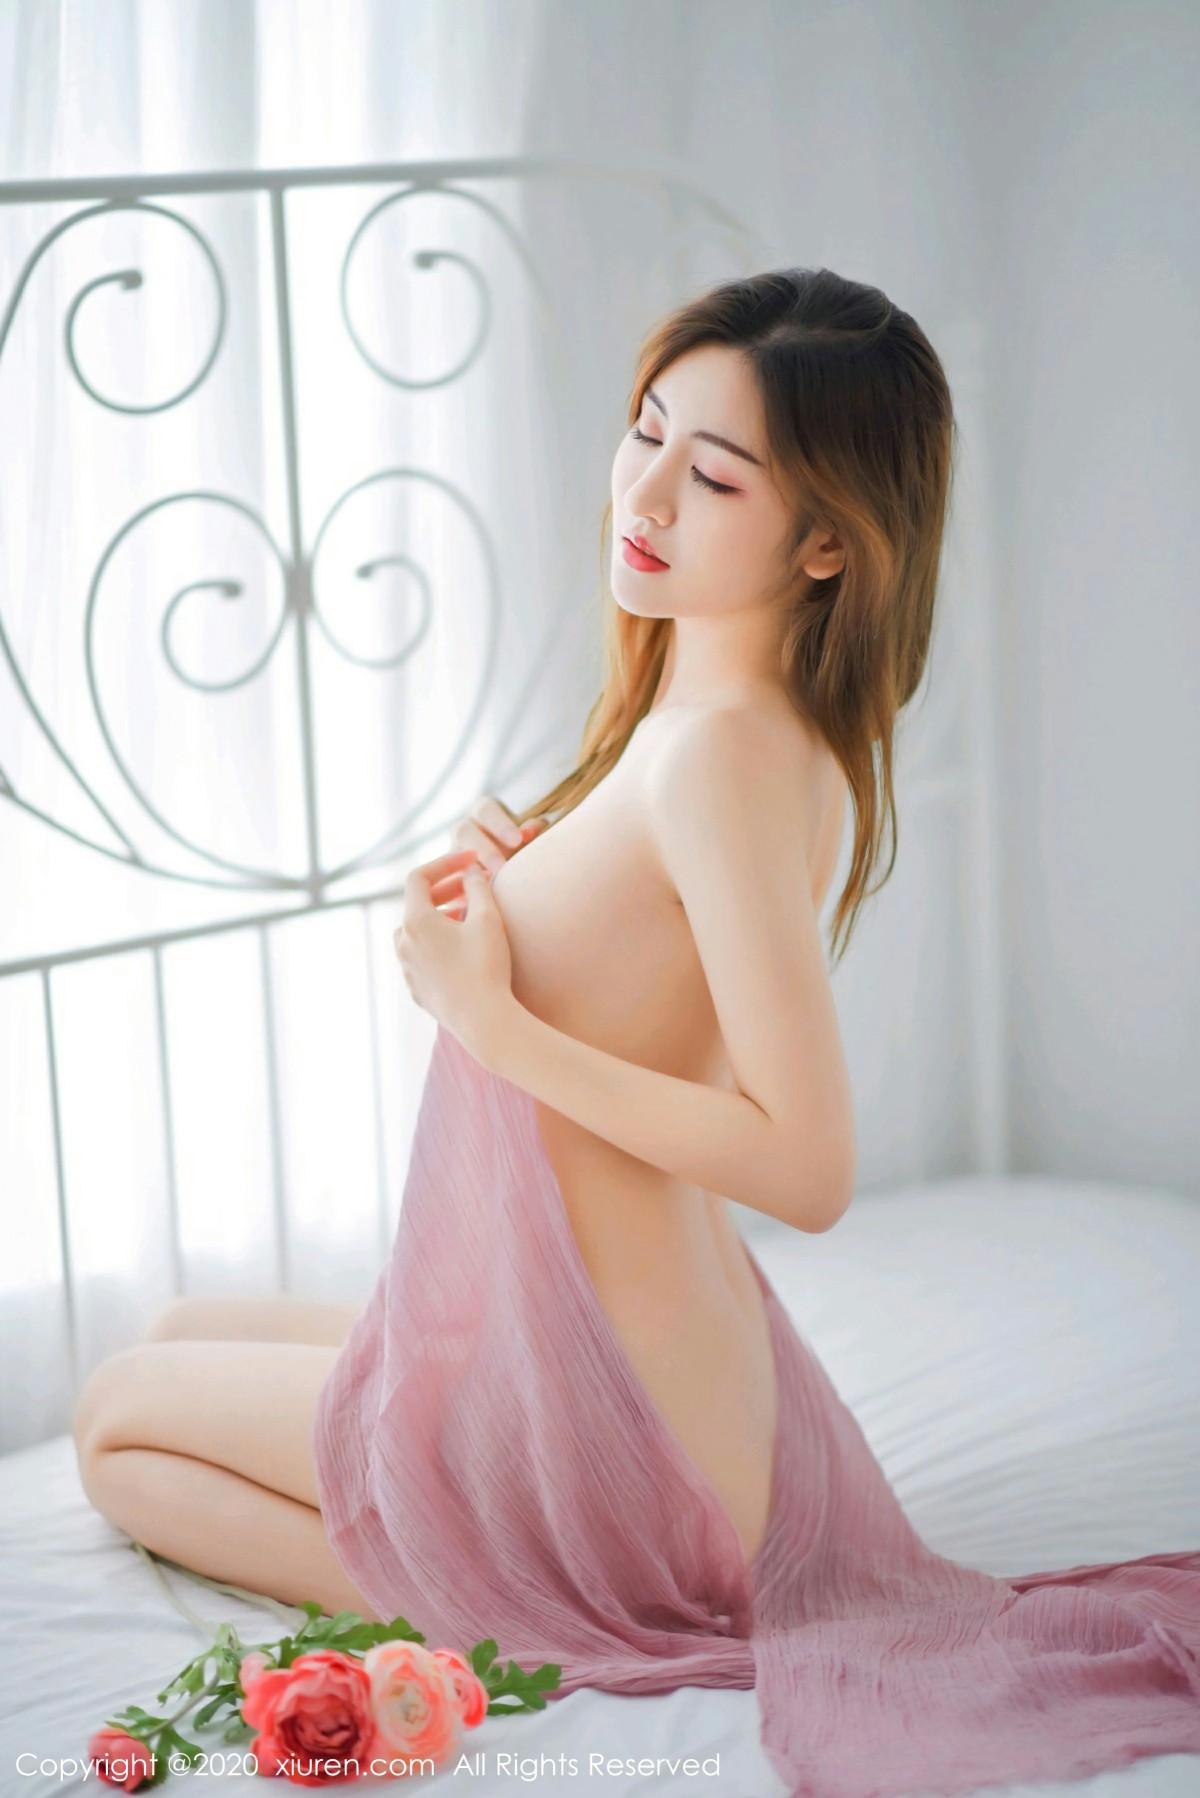 [XiuRen秀人网] 2020.09.08 No.2537 沈梦瑶 茶艺表演 第2张